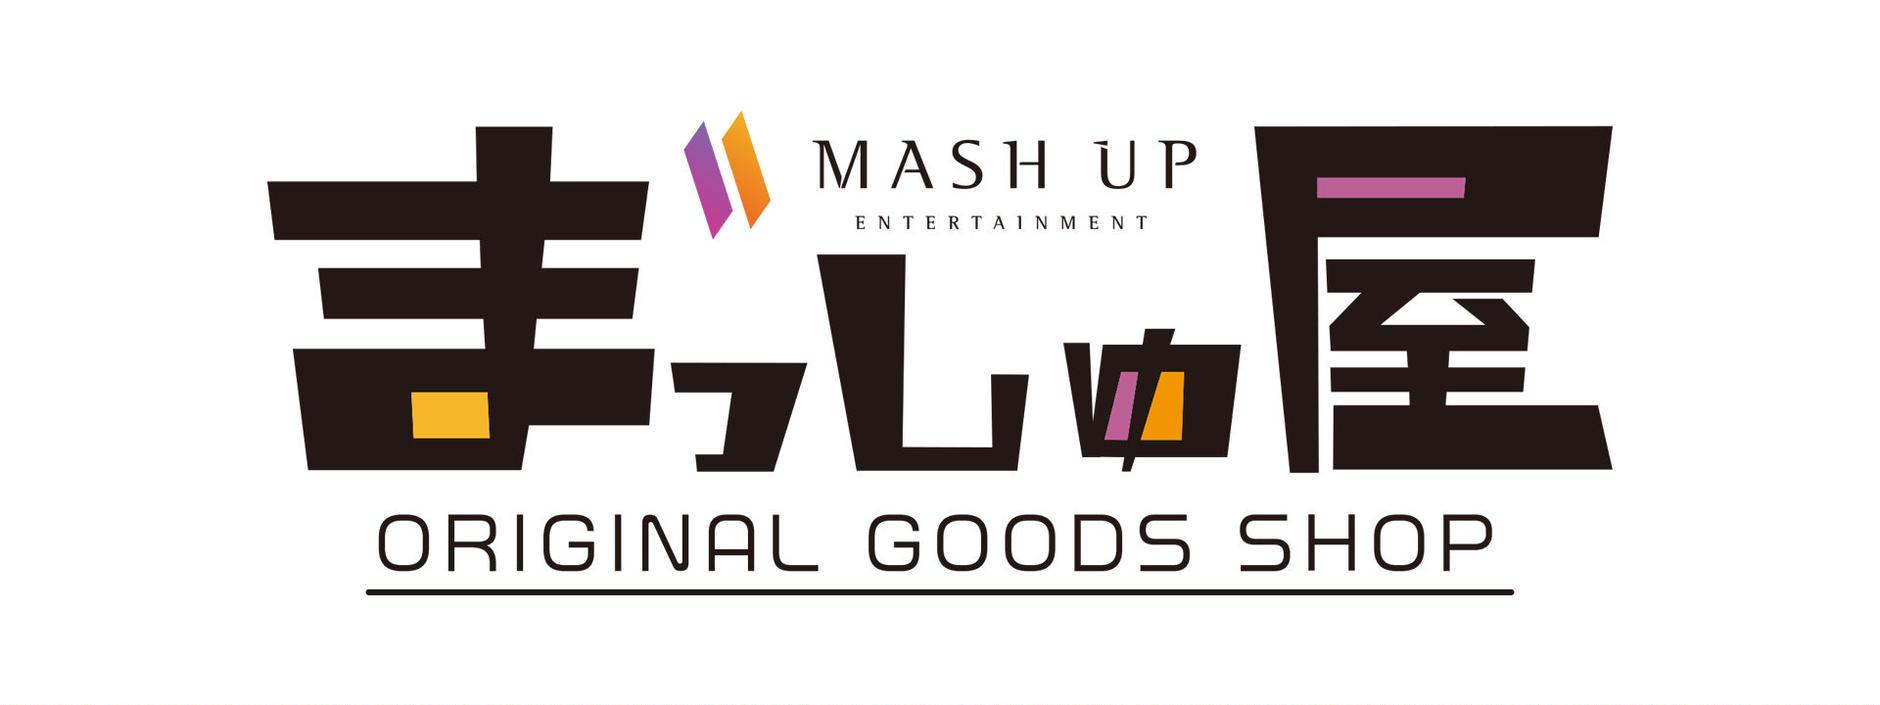 MASH UP ENTERTAINMENT オリジナルグッズSHOP『まっしゅ屋』